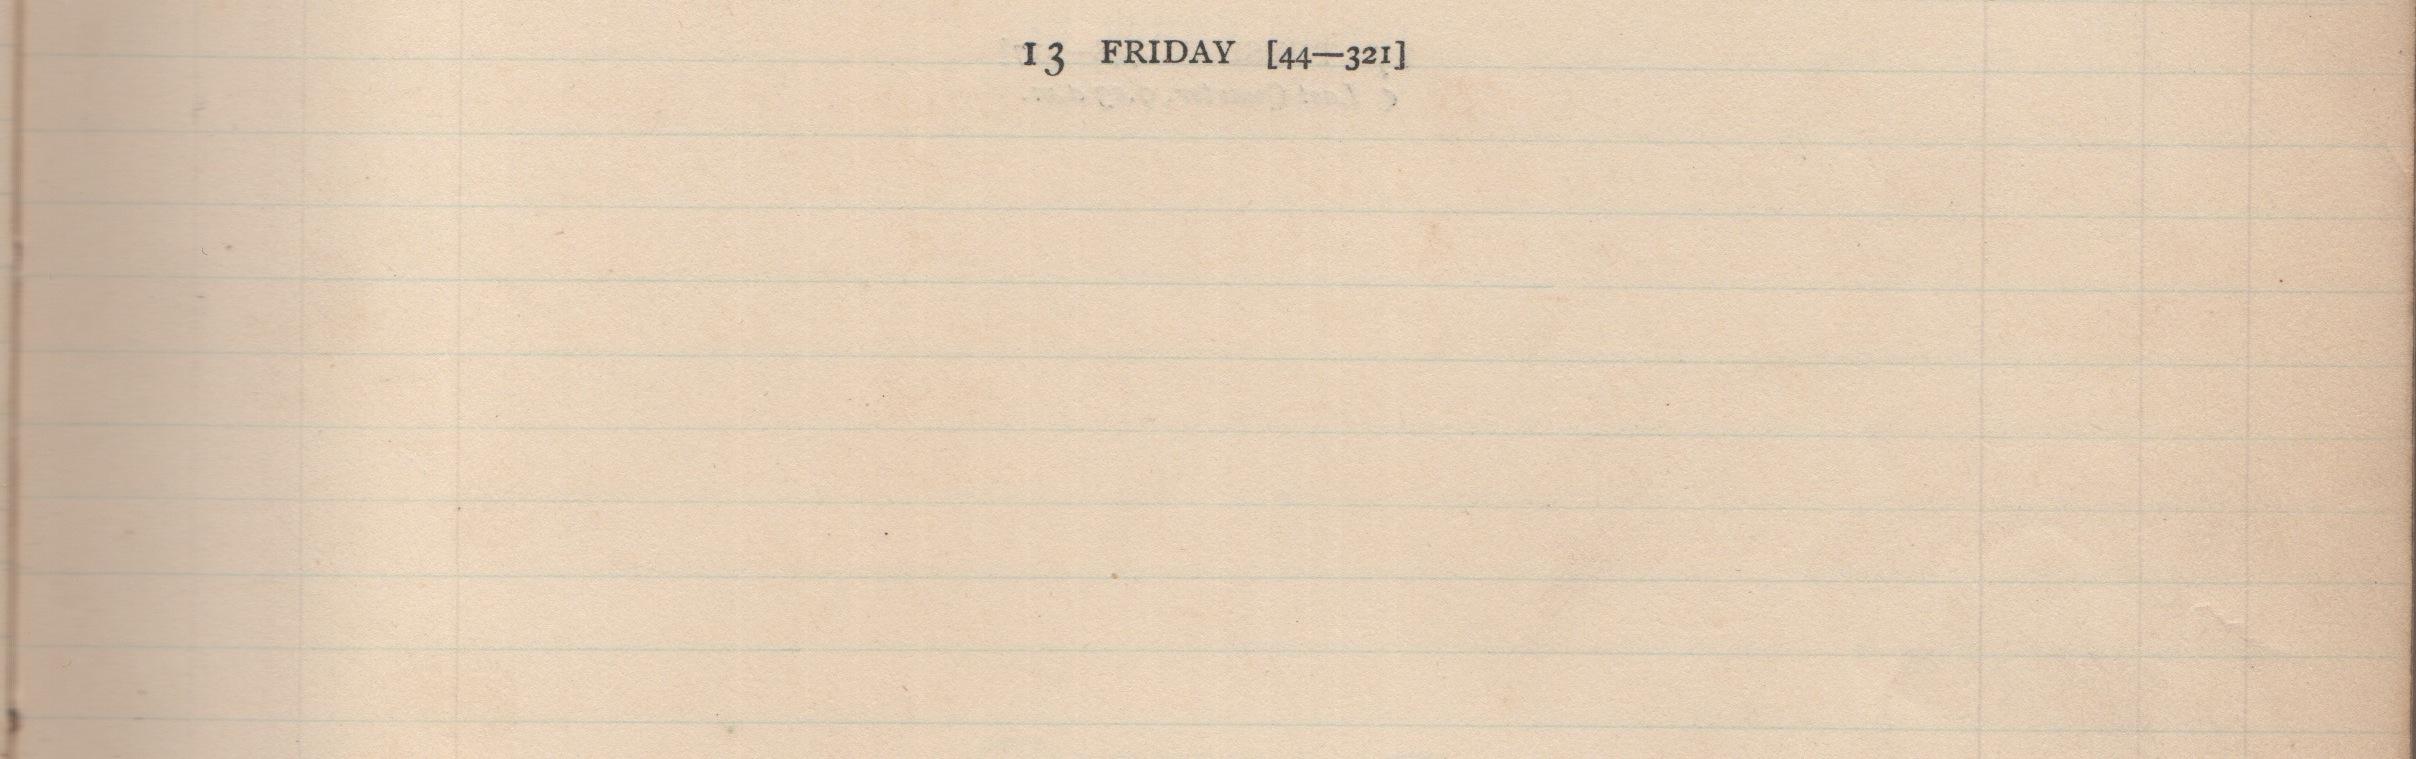 13. February